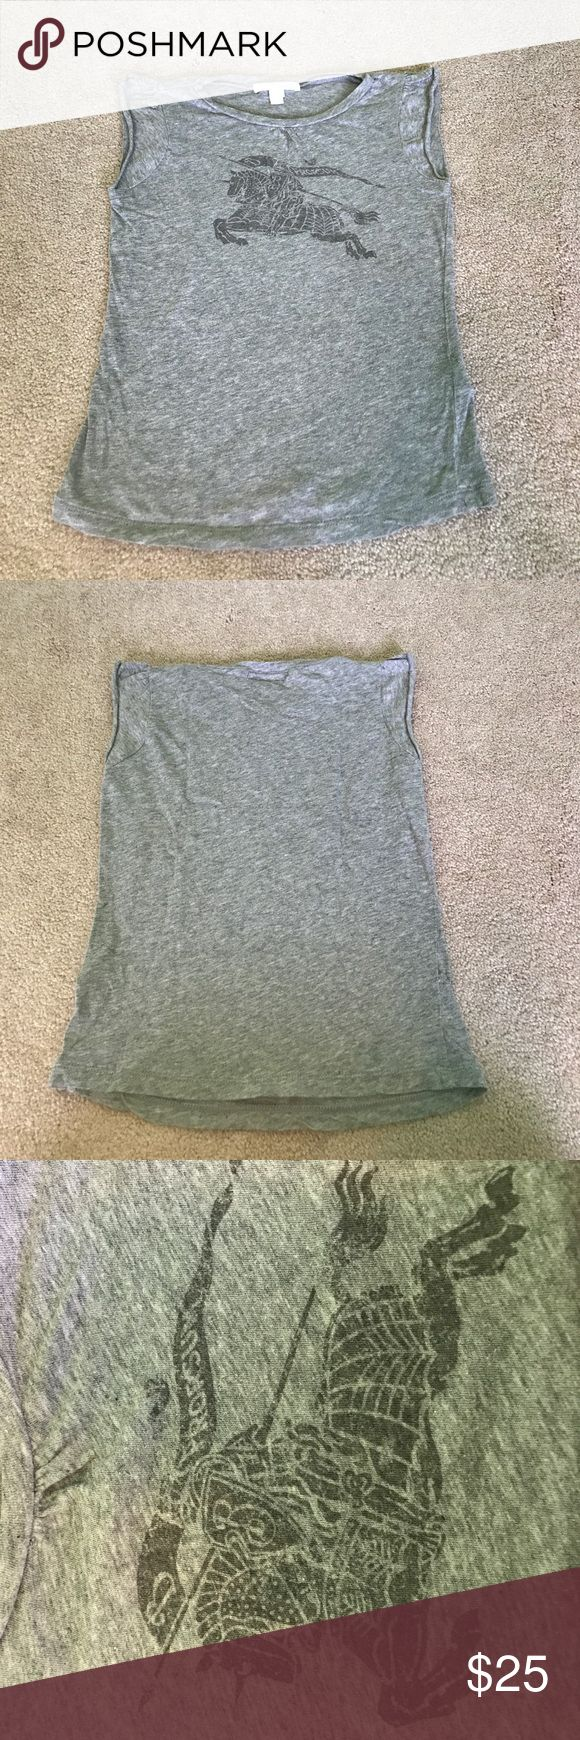 Kids Burberry t-shirt A gray girls  t-shirt. Size 6 Burberry Shirts & Tops Tees - Short Sleeve